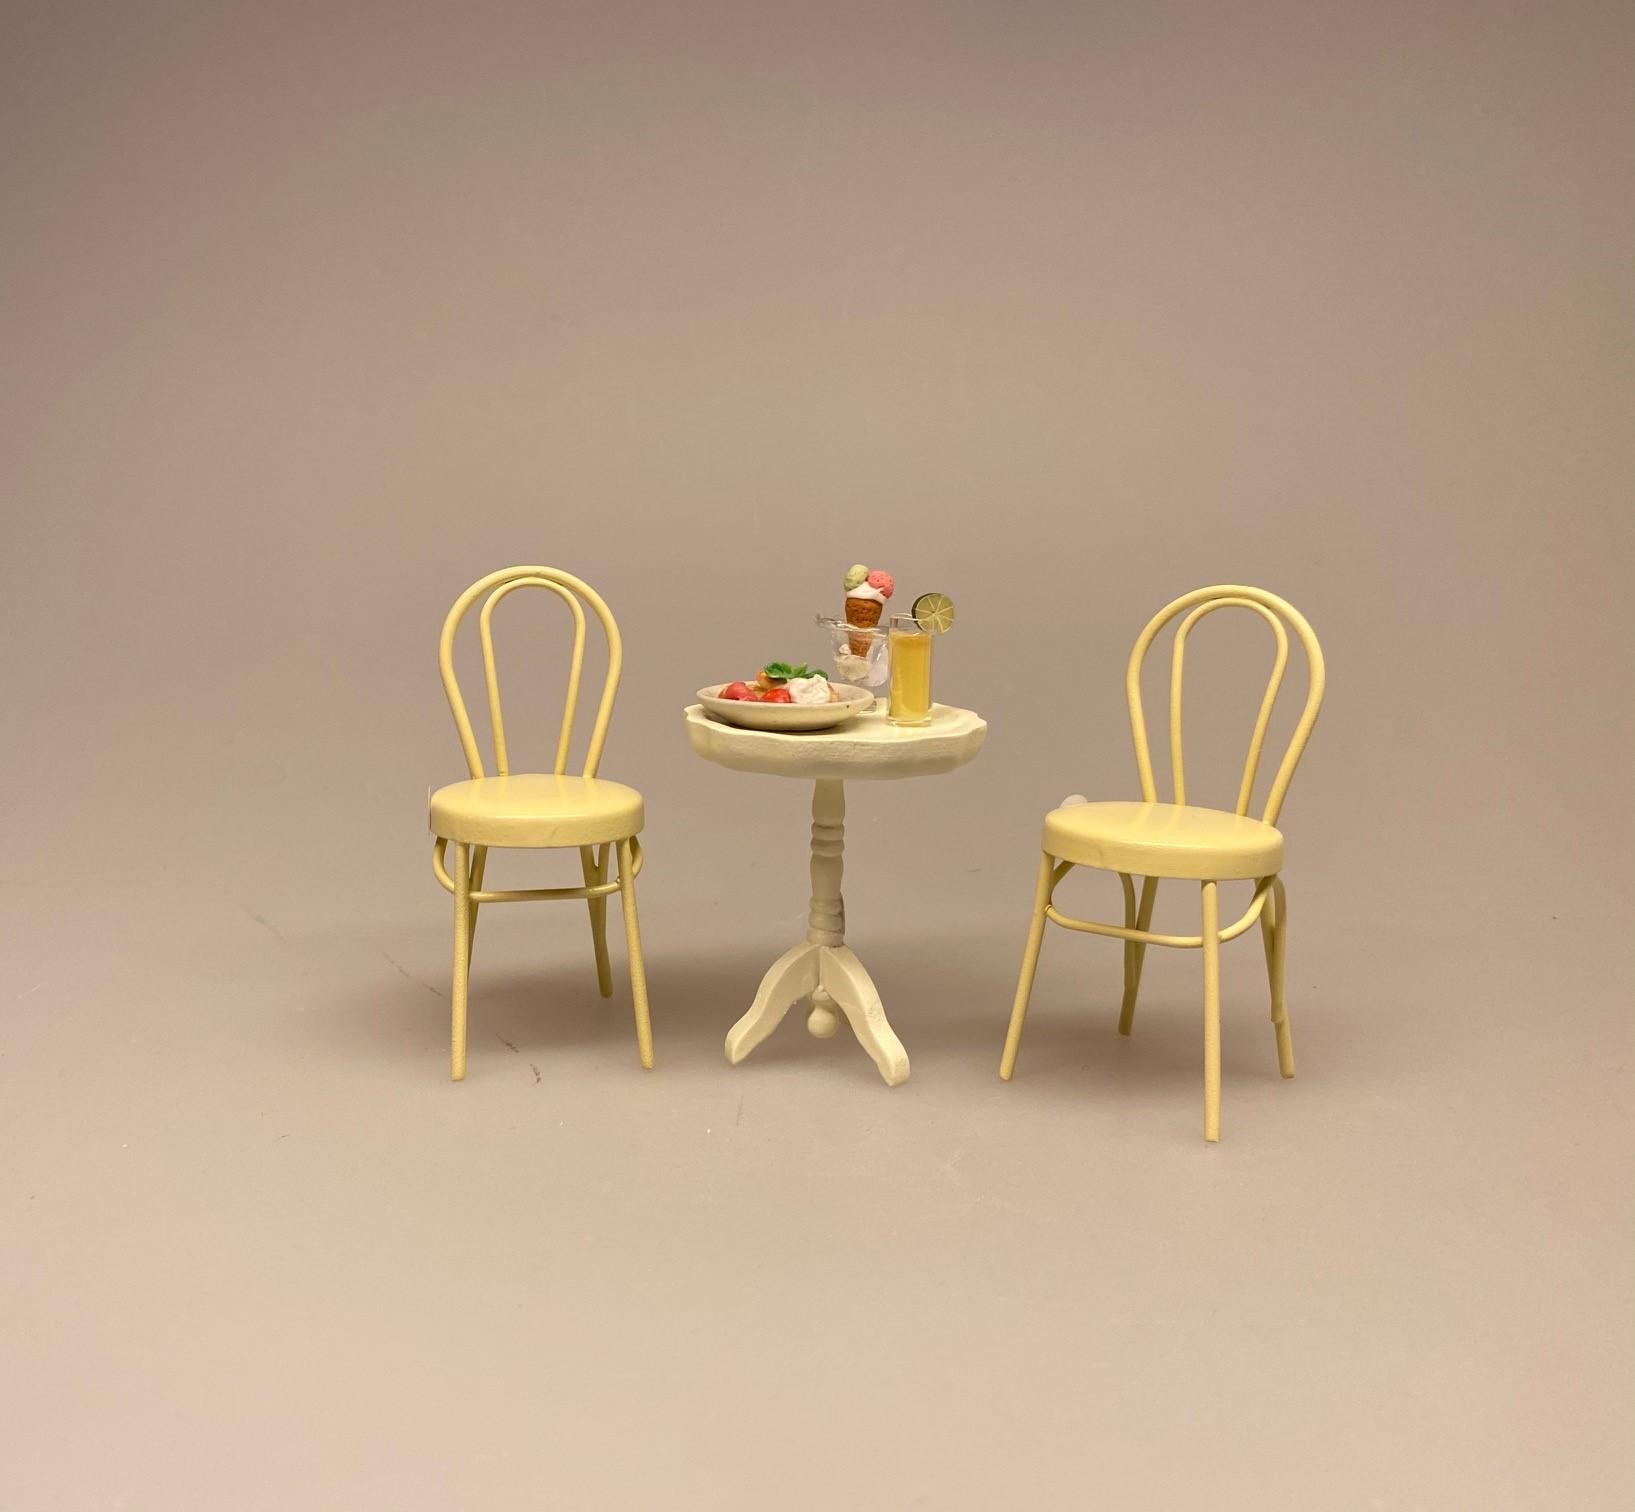 Miniature Metal Stol - Creme, flødefarvet, caféstol, konditori, dukkehus, dukkehusting, dukkemøbler, dukkehusmøbler, dukkestue, dukkehuse, ting til, miniaturer, skala 1/12, 1:12, biti, ribe, små ting, sætterkasse, symbolsk, sangskjuler, puppenstuben, puppenmöbel, minimondus, bodo hennig, almue, nissebo, nissehus, nissedør, til nisserne, nissetilbehør